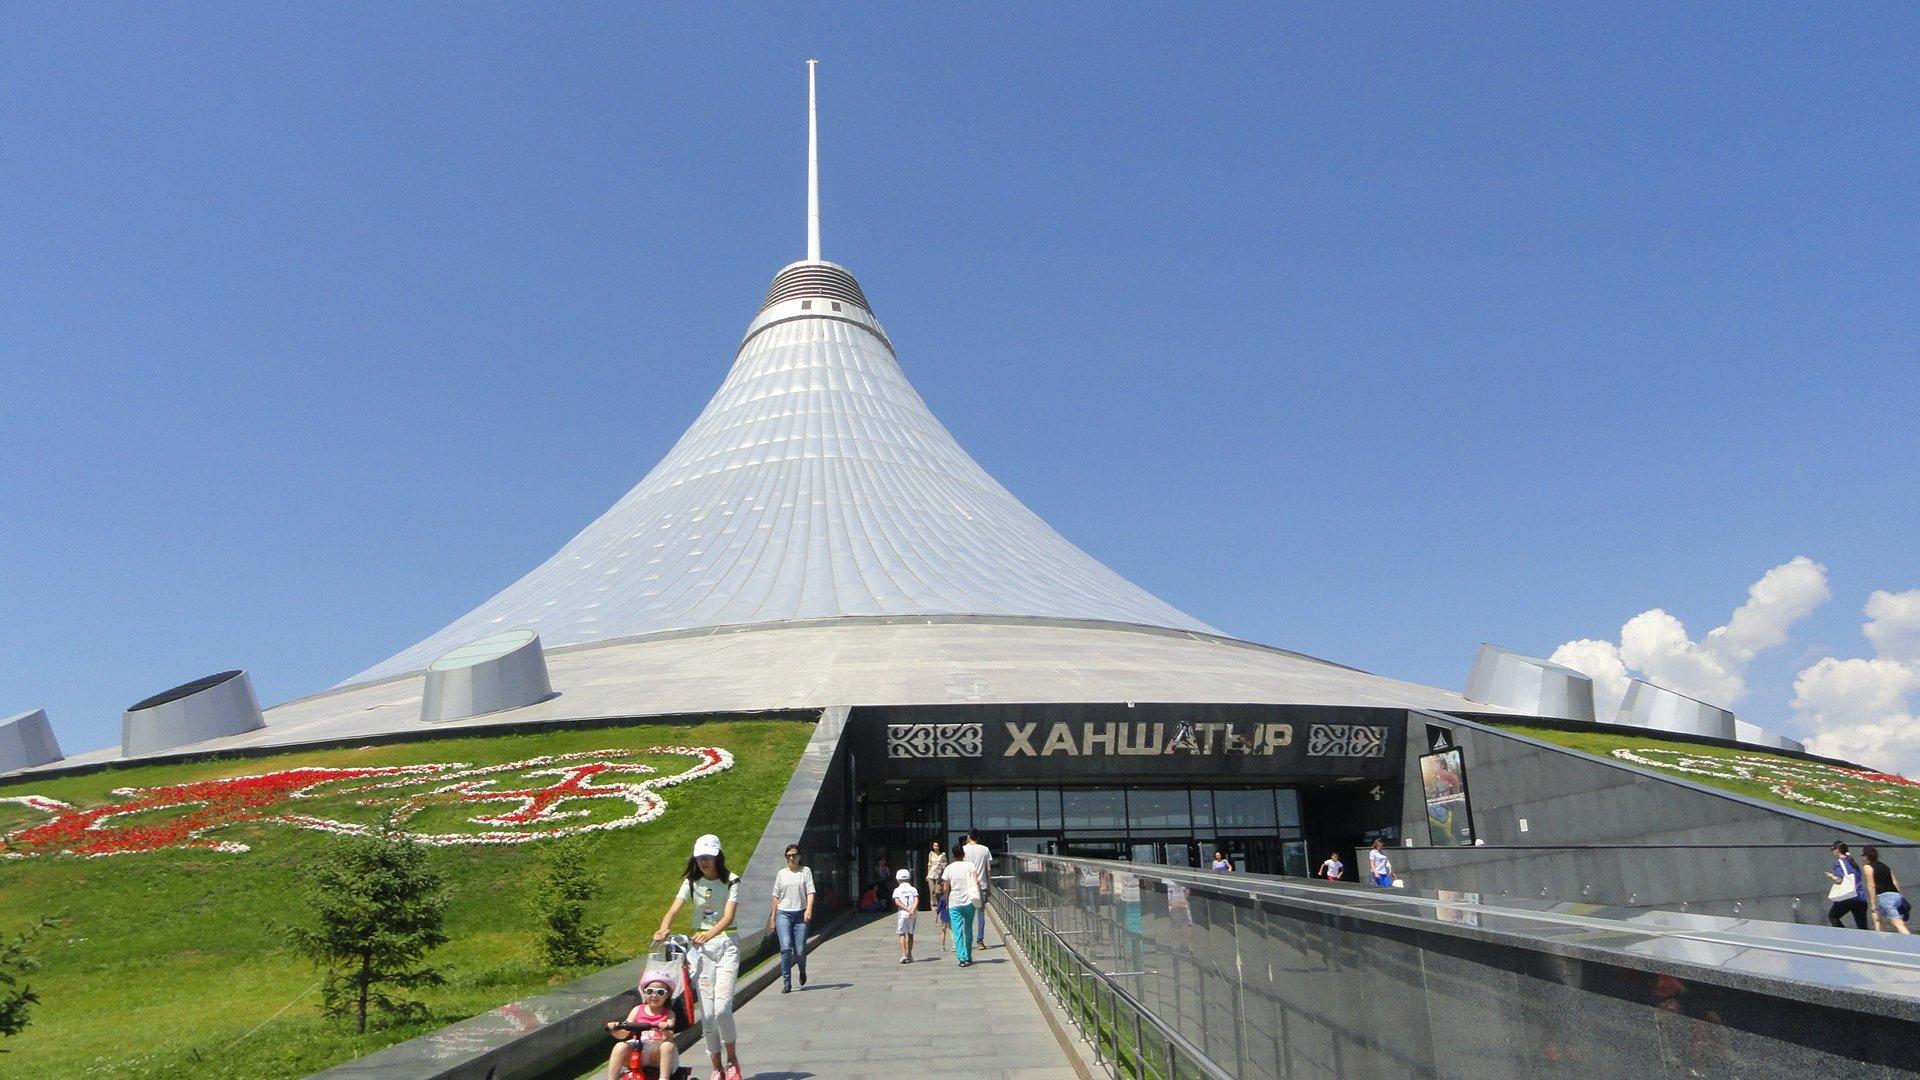 Топ-10 фактов о Казахстане Топ-10 фактов о Казахстане 9570149227864492 93e7